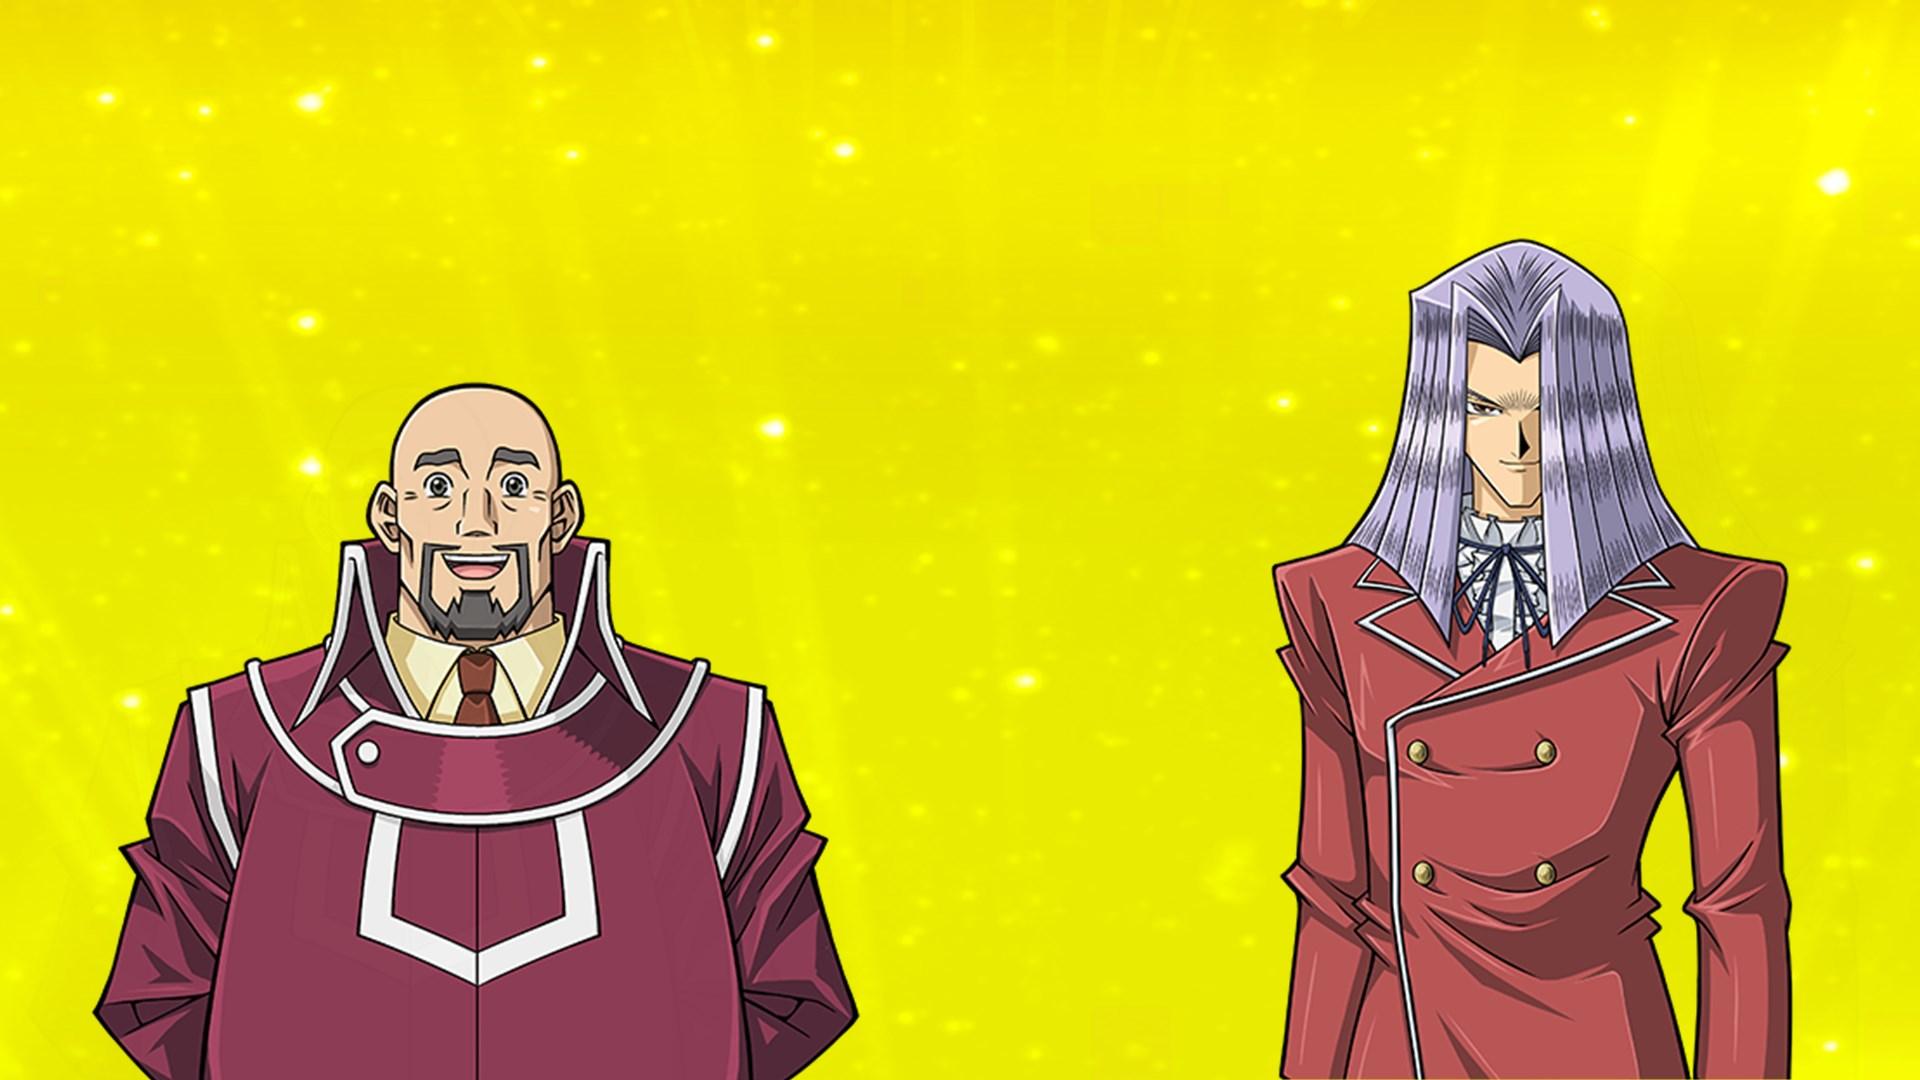 Yu-Gi-Oh! GX: Leaders